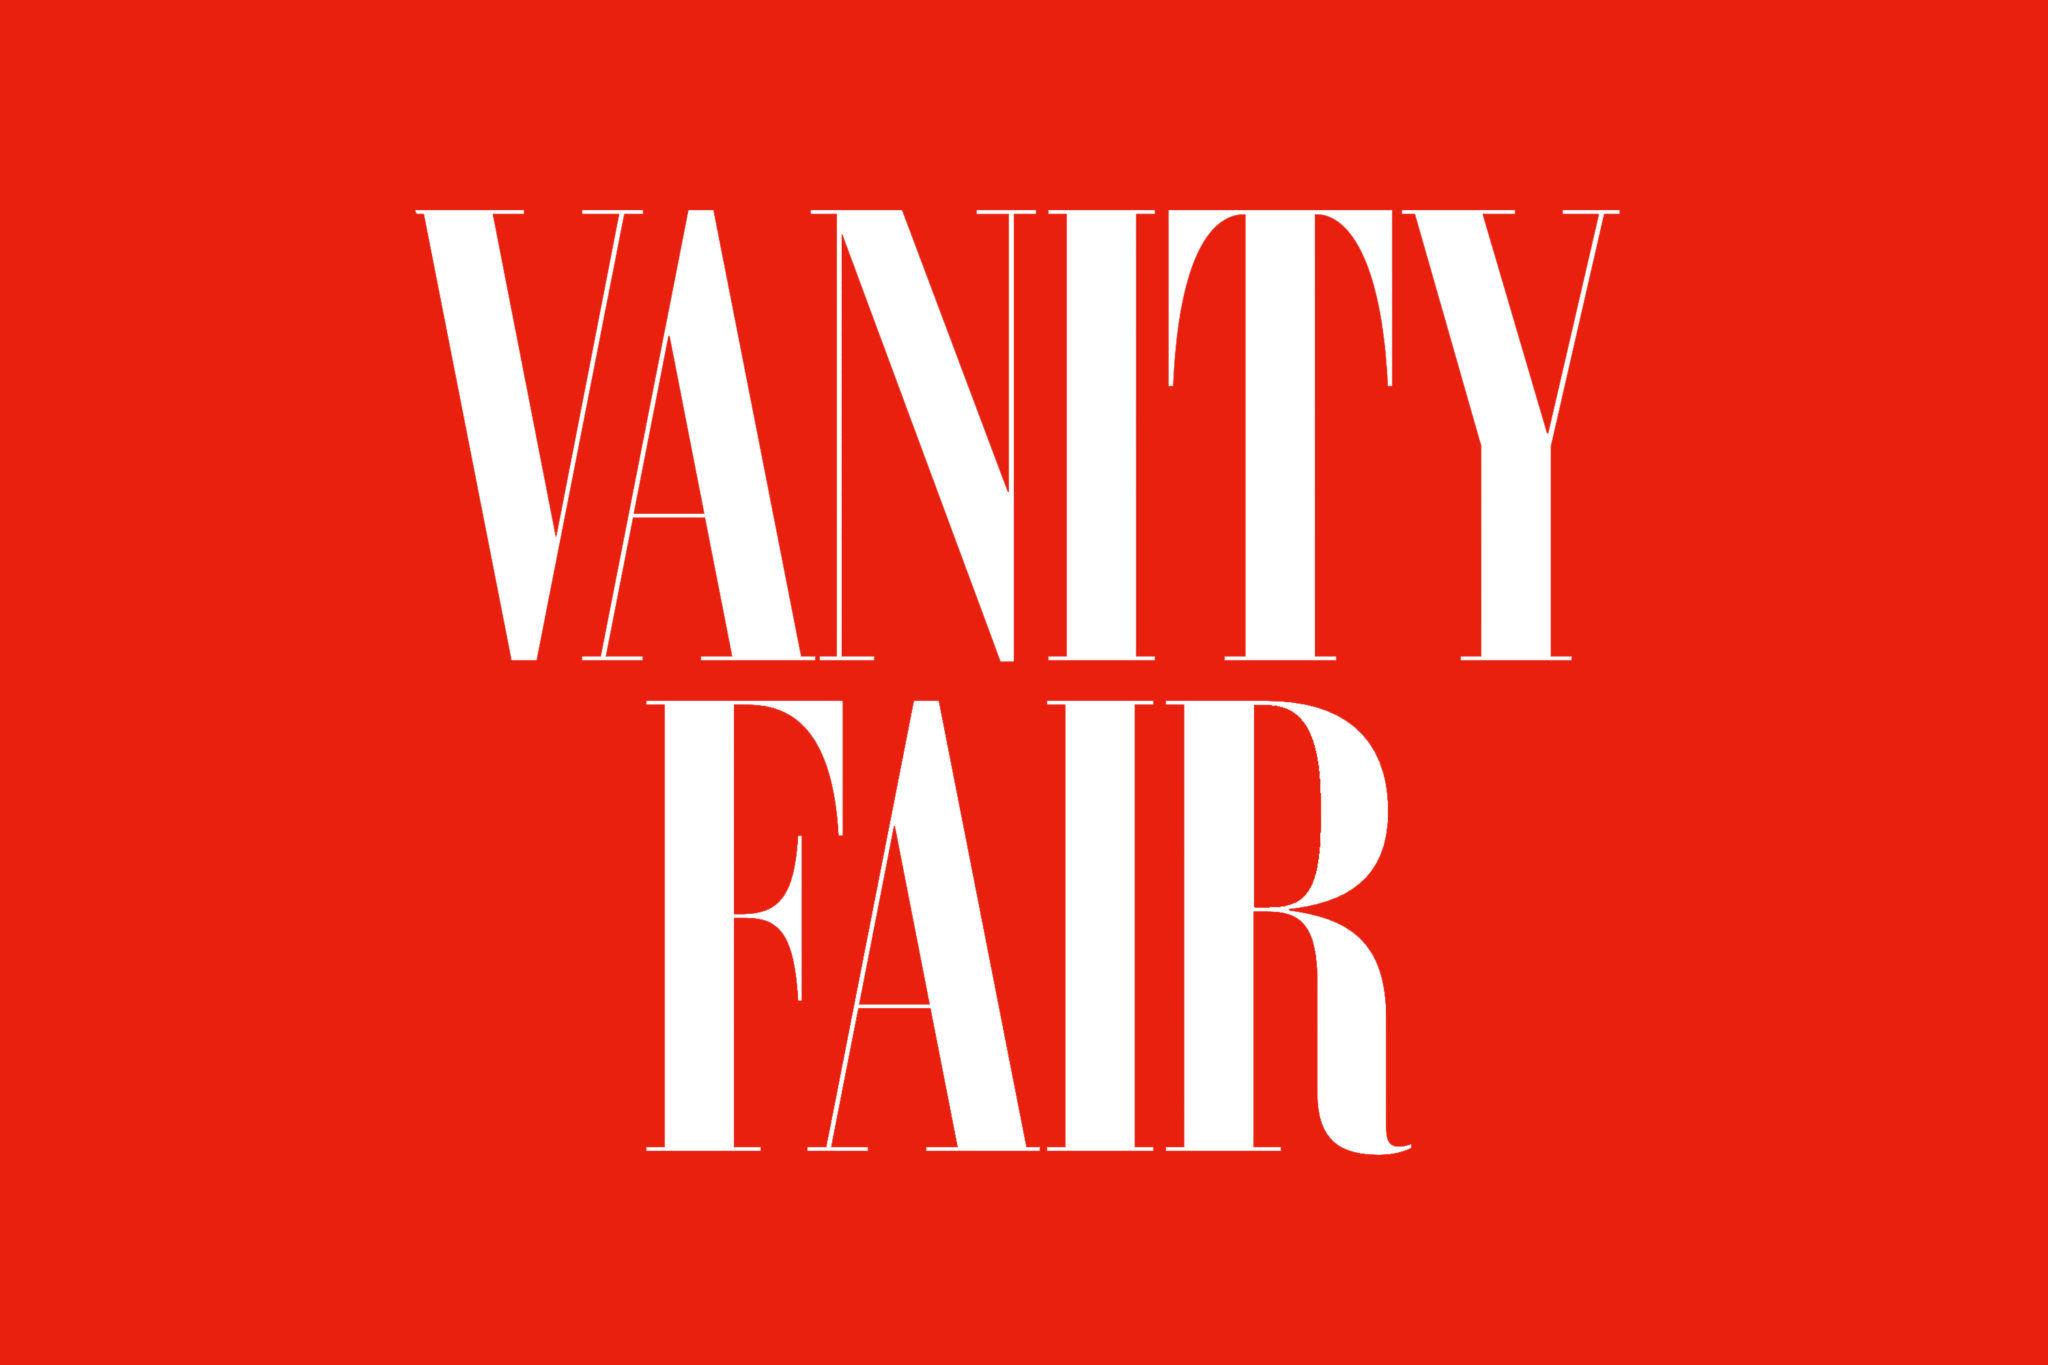 Logo Vanity Fair | Dipendiamo.blog